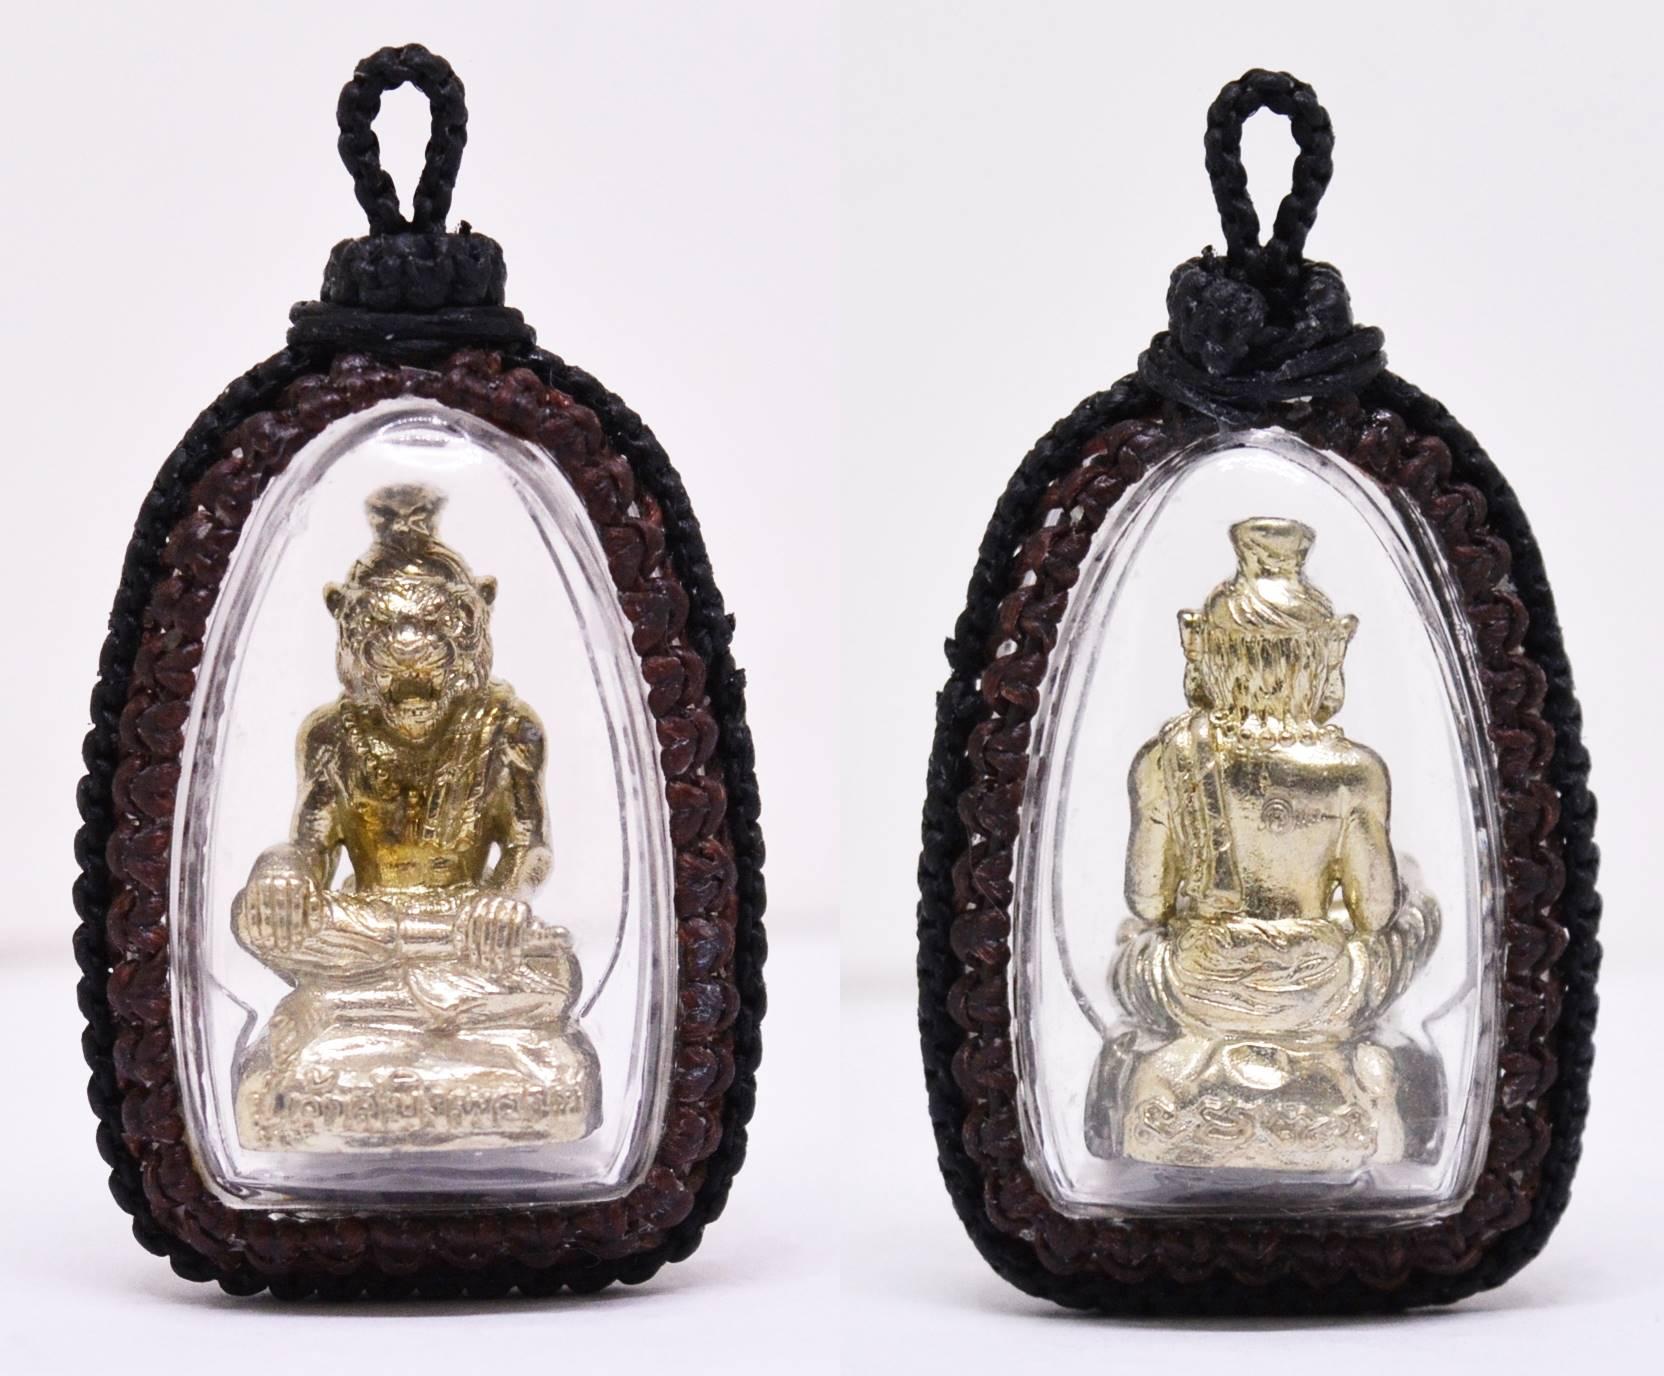 ปู่เจ้าสมิงพราย ทองขาวฝังตะกรุดเทพรำลึก อาจารย์พรต สำนักปู่เสน่ห์โคบุตร ถักเชือกเทียน